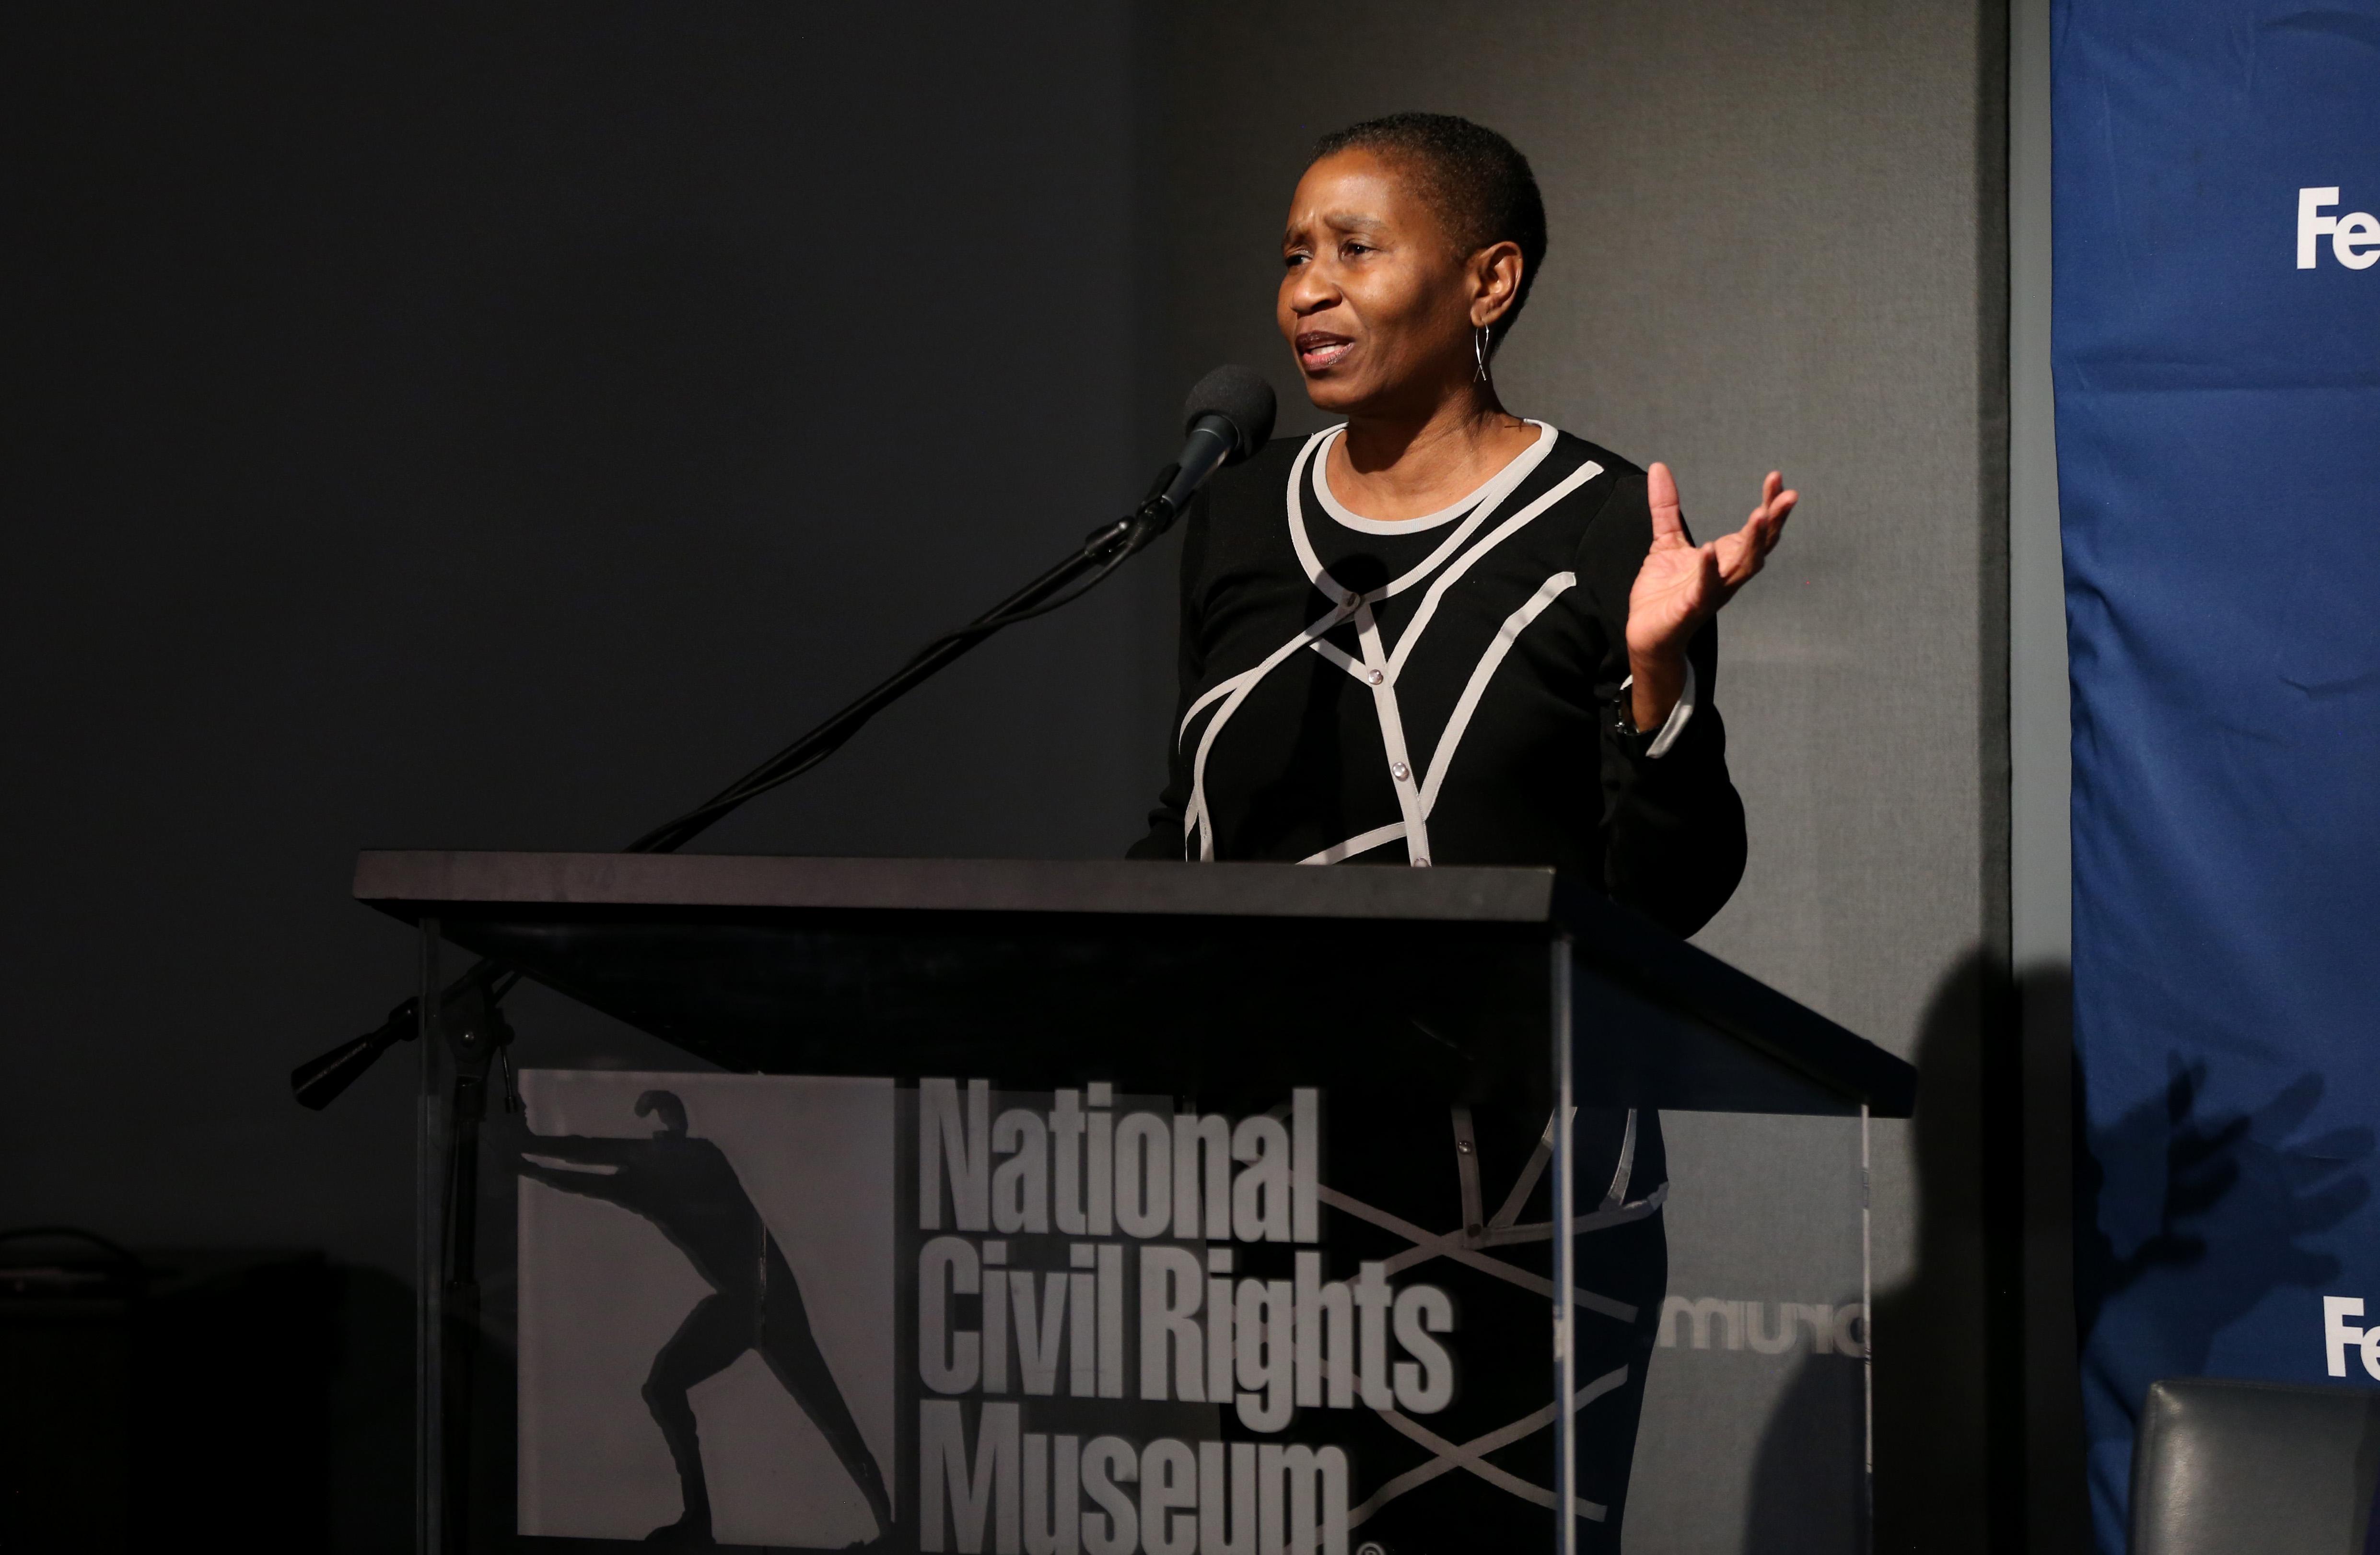 MLK体育遗产奖获得者-国家民权博物馆参观